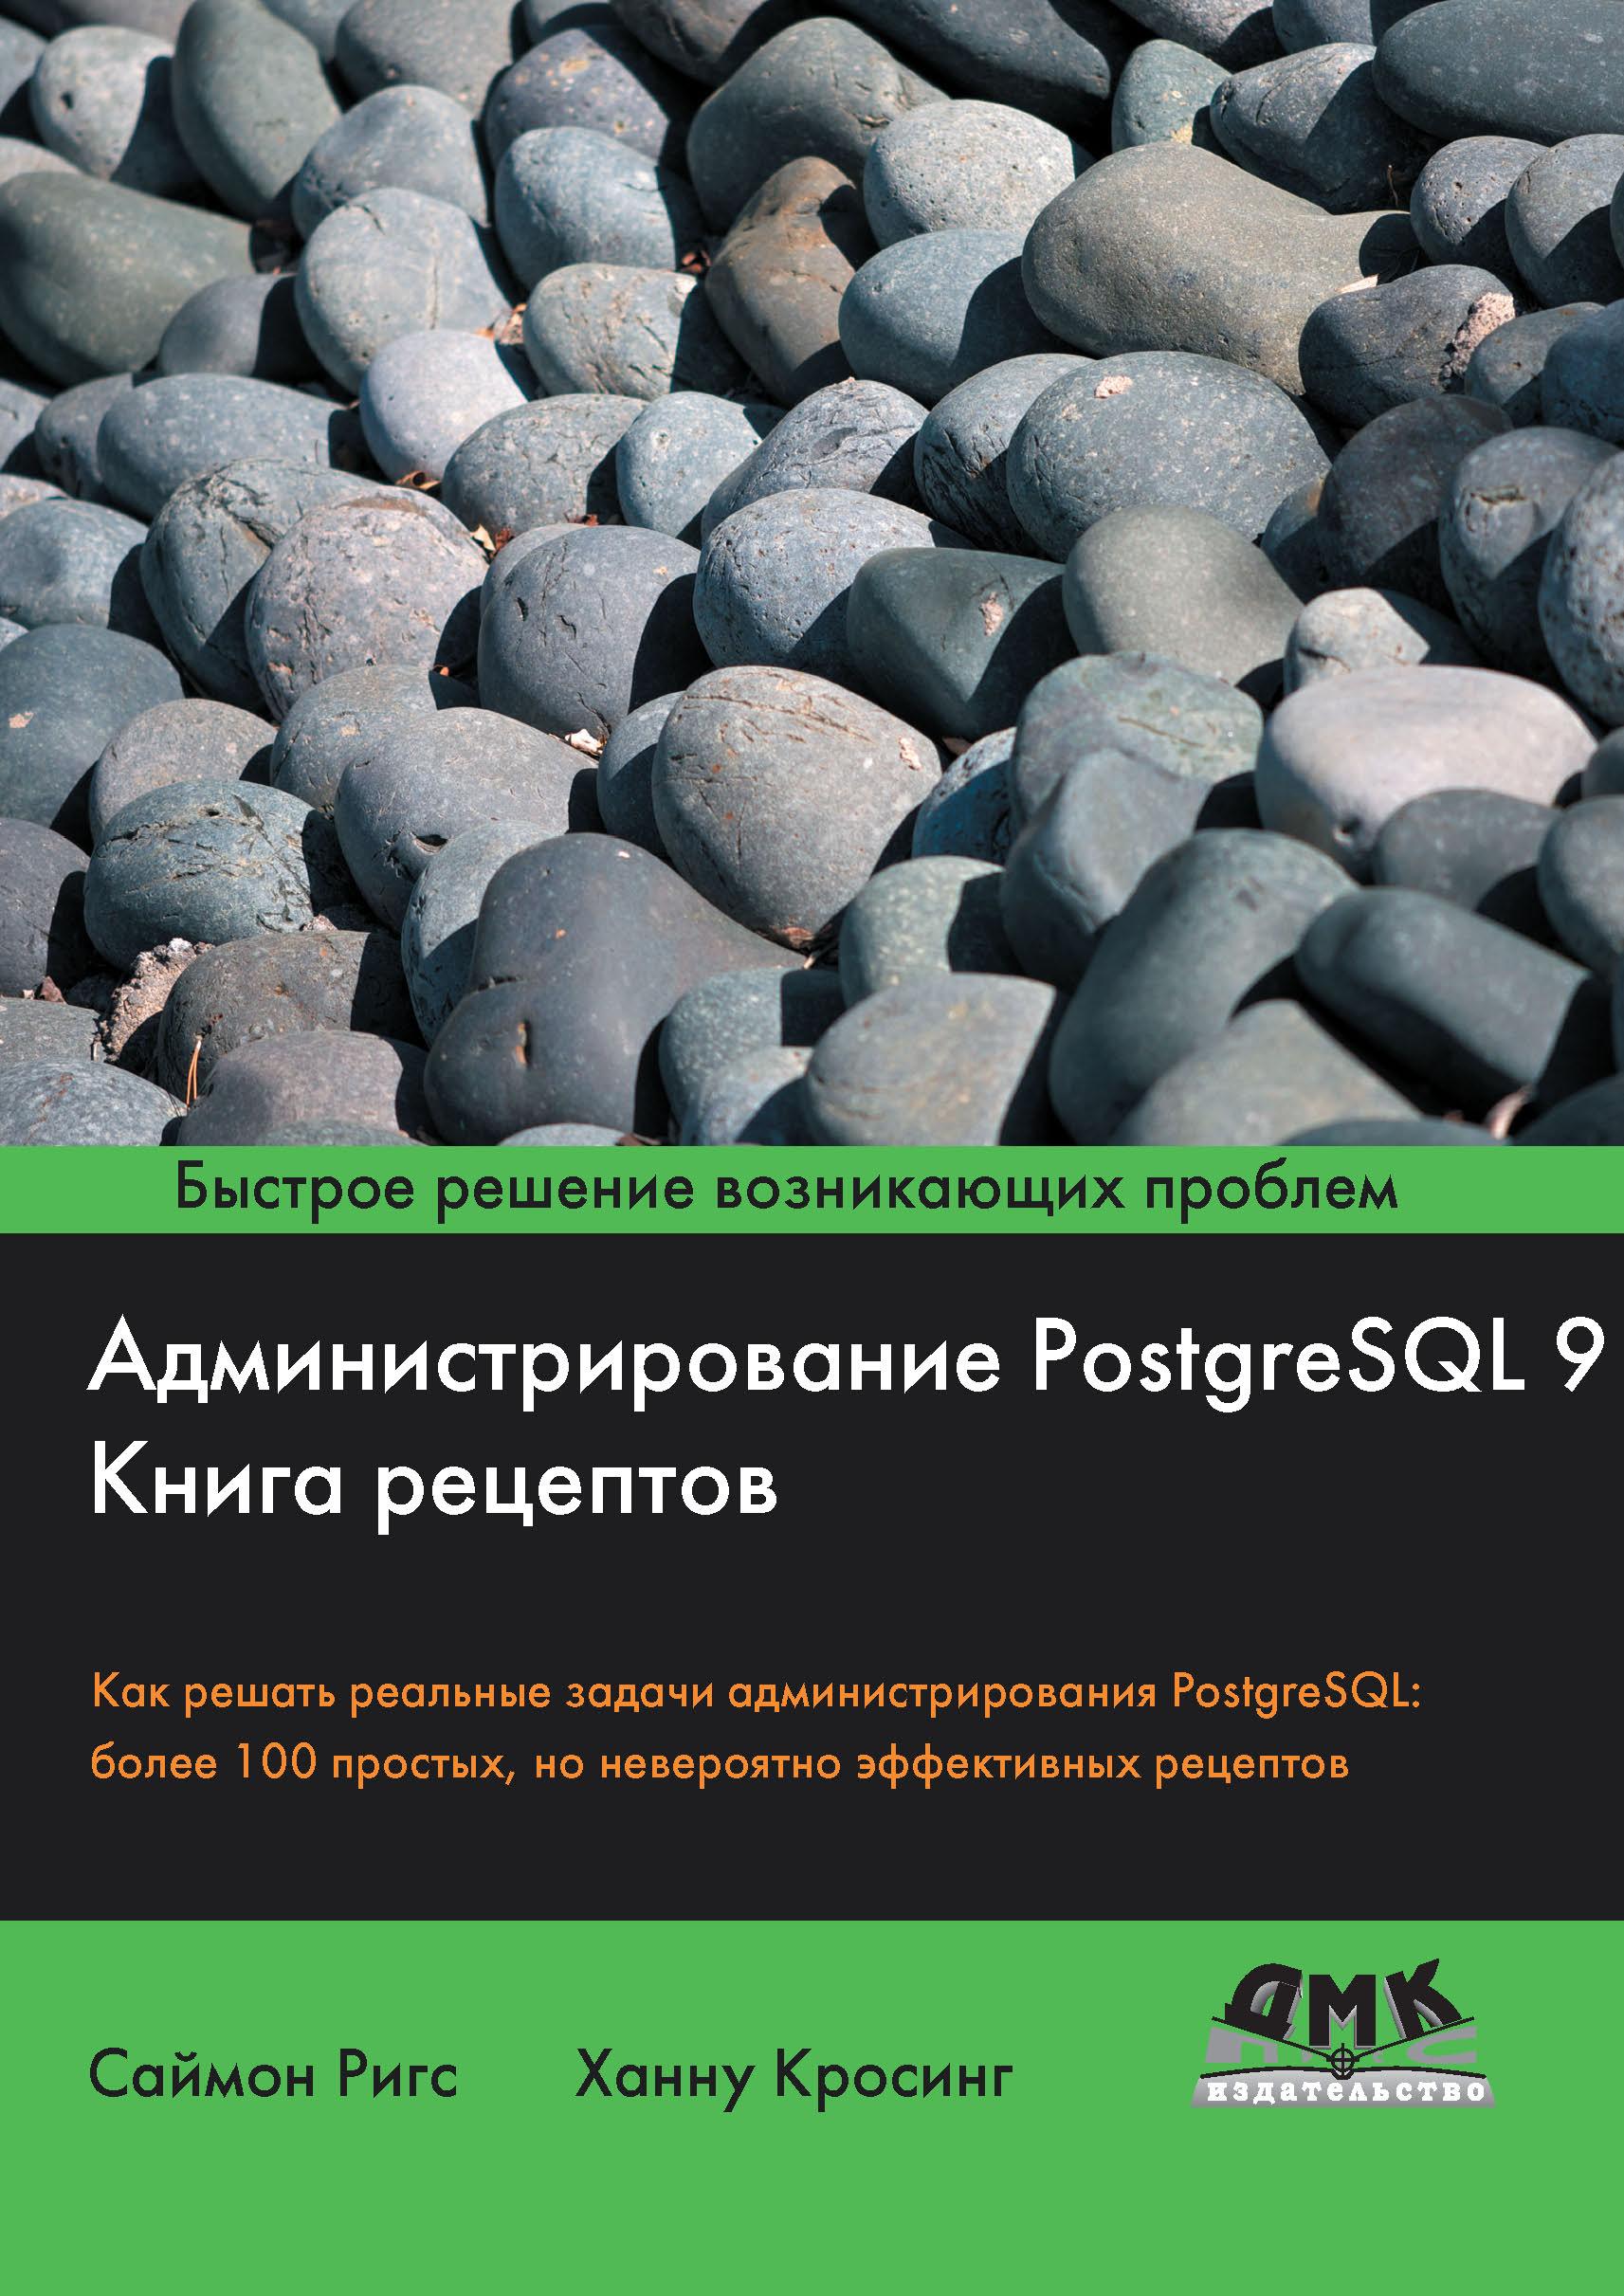 Ханну Кросинг Администрирование PostgreSQL 9. Книга рецептов